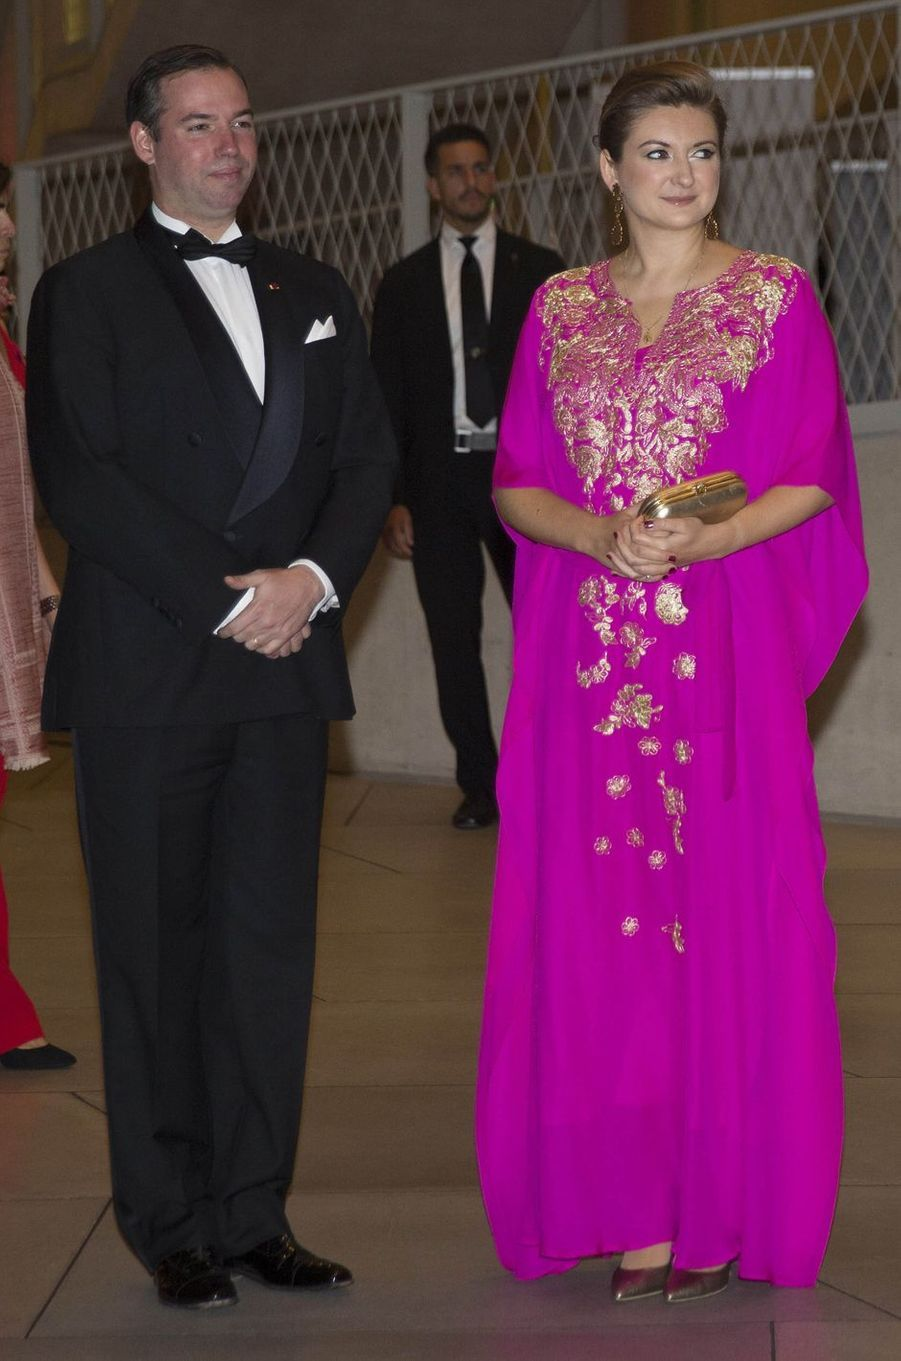 La princesse Stéphanie et le prince Guillaume de Luxembourg à Luxembourg, le 16 octobre 2019